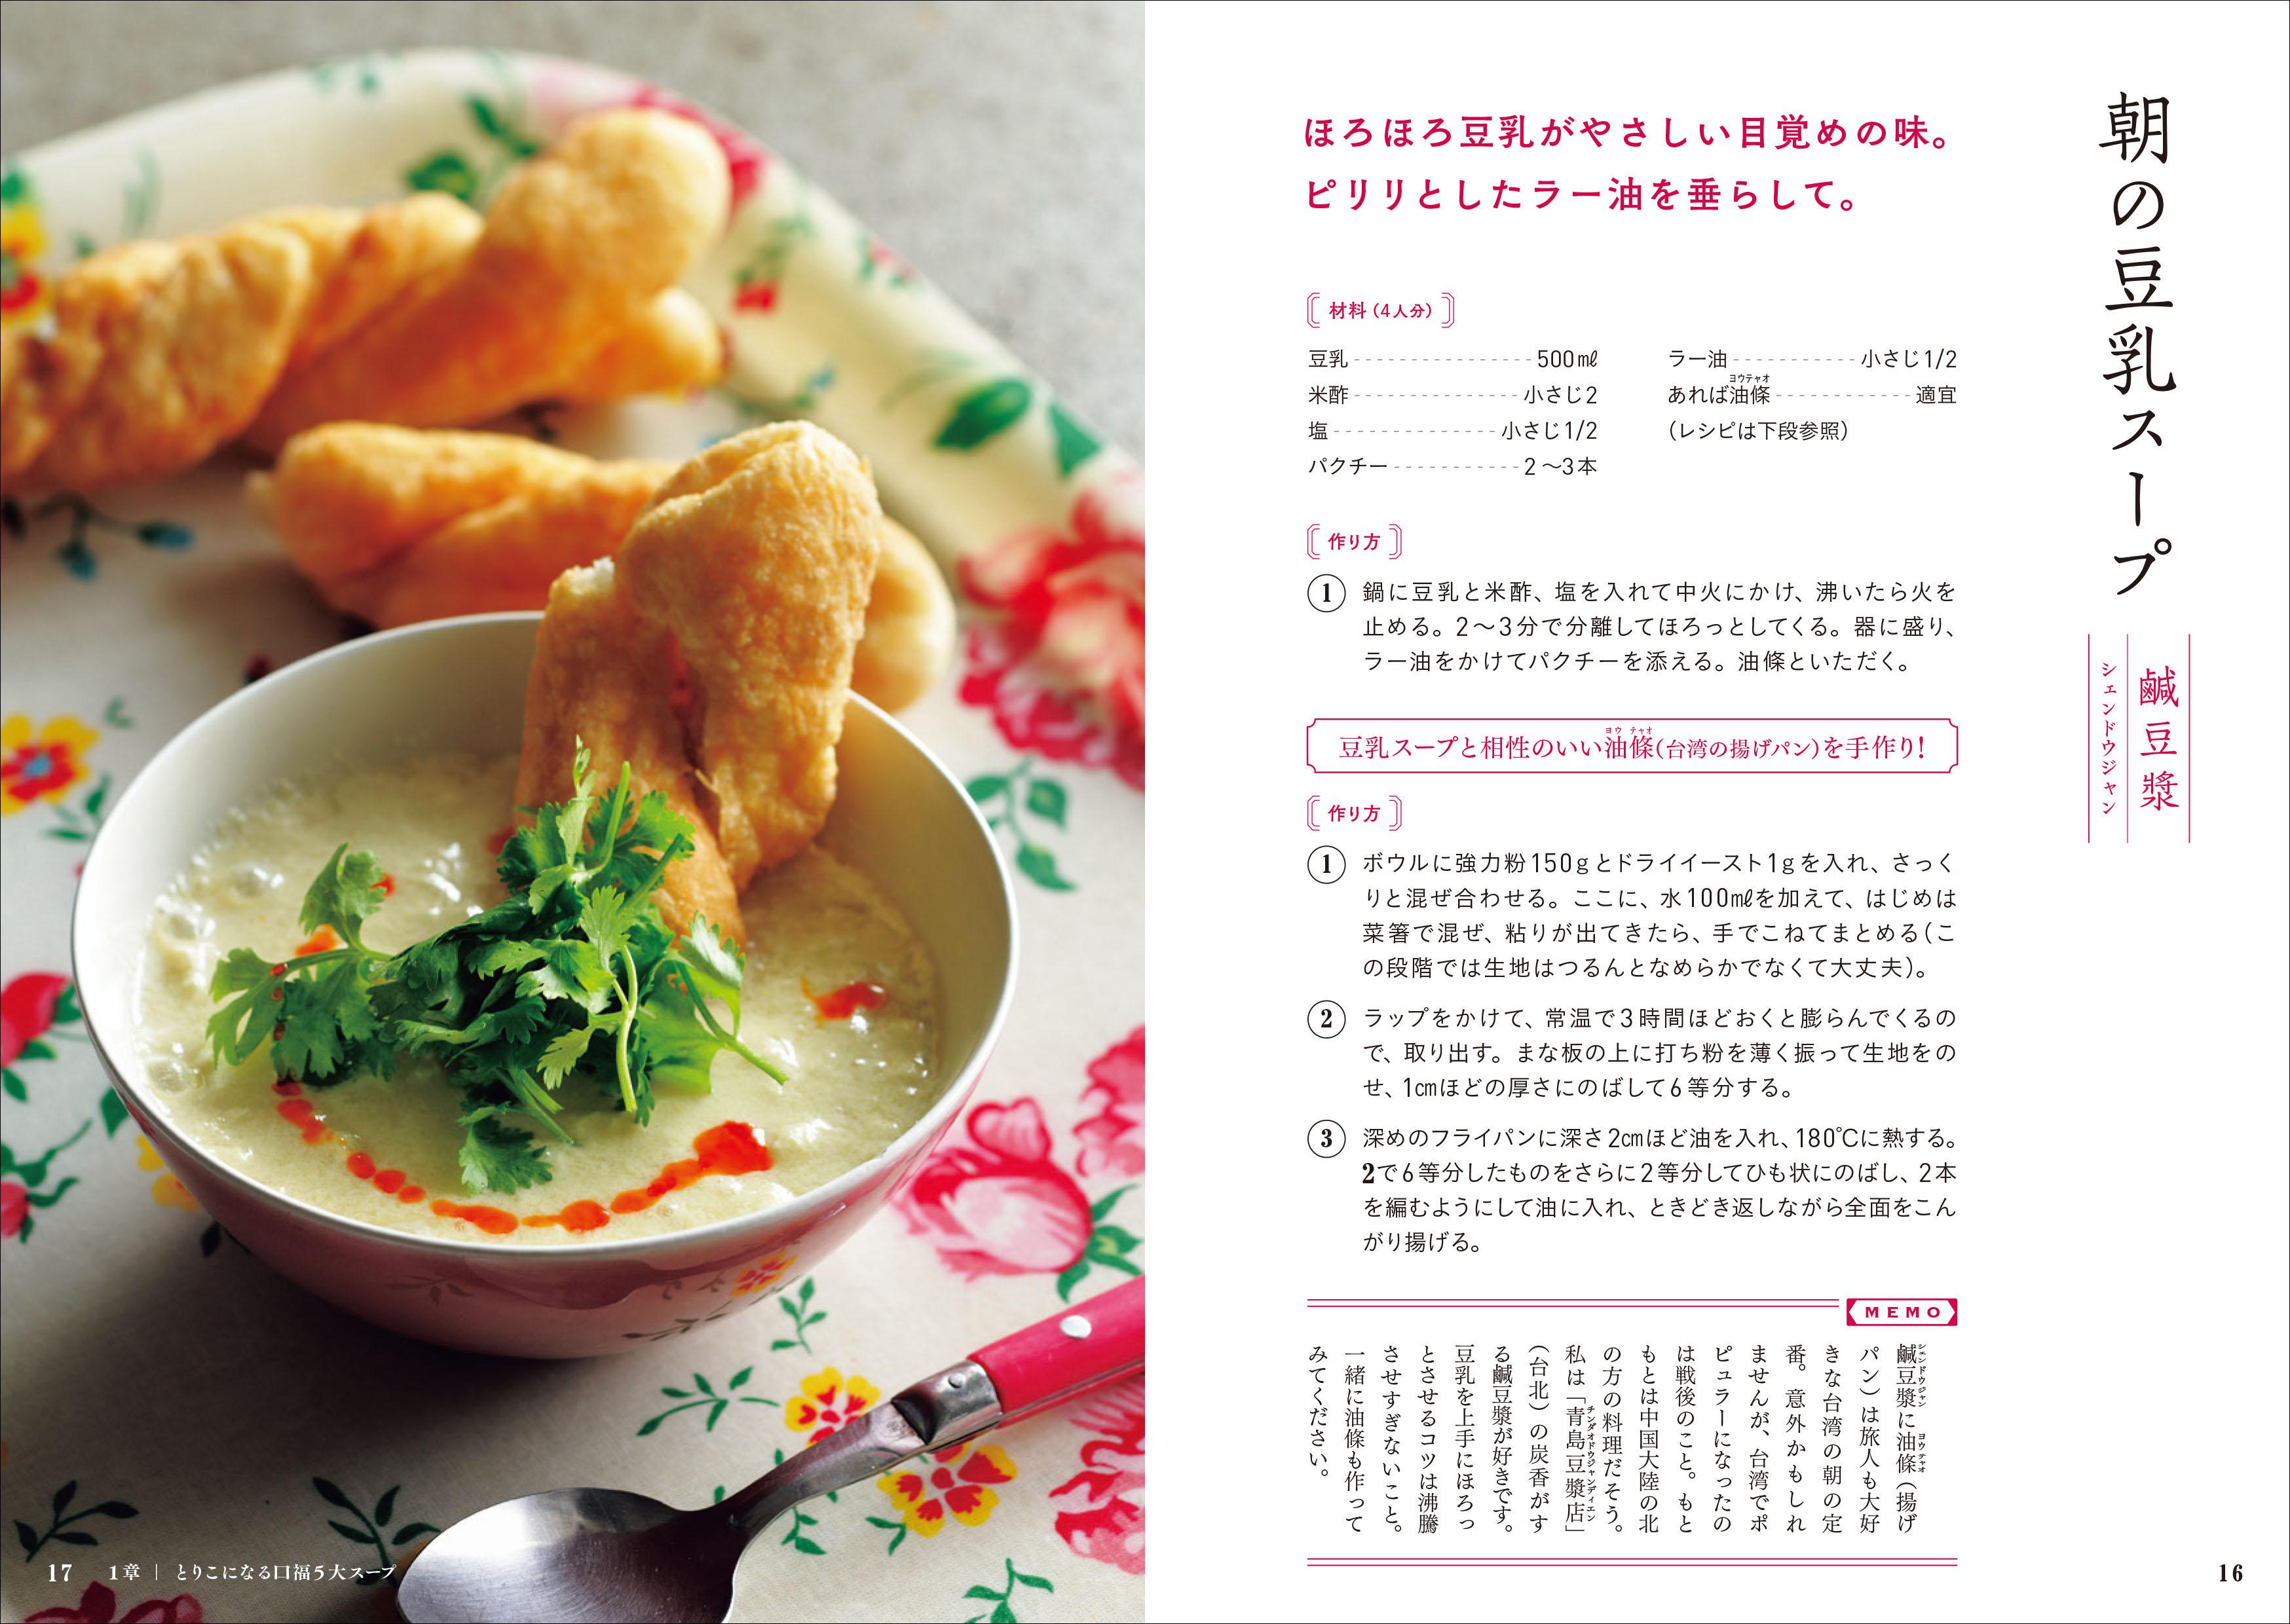 画像は、「朝の豆乳スープ」のレシピページ